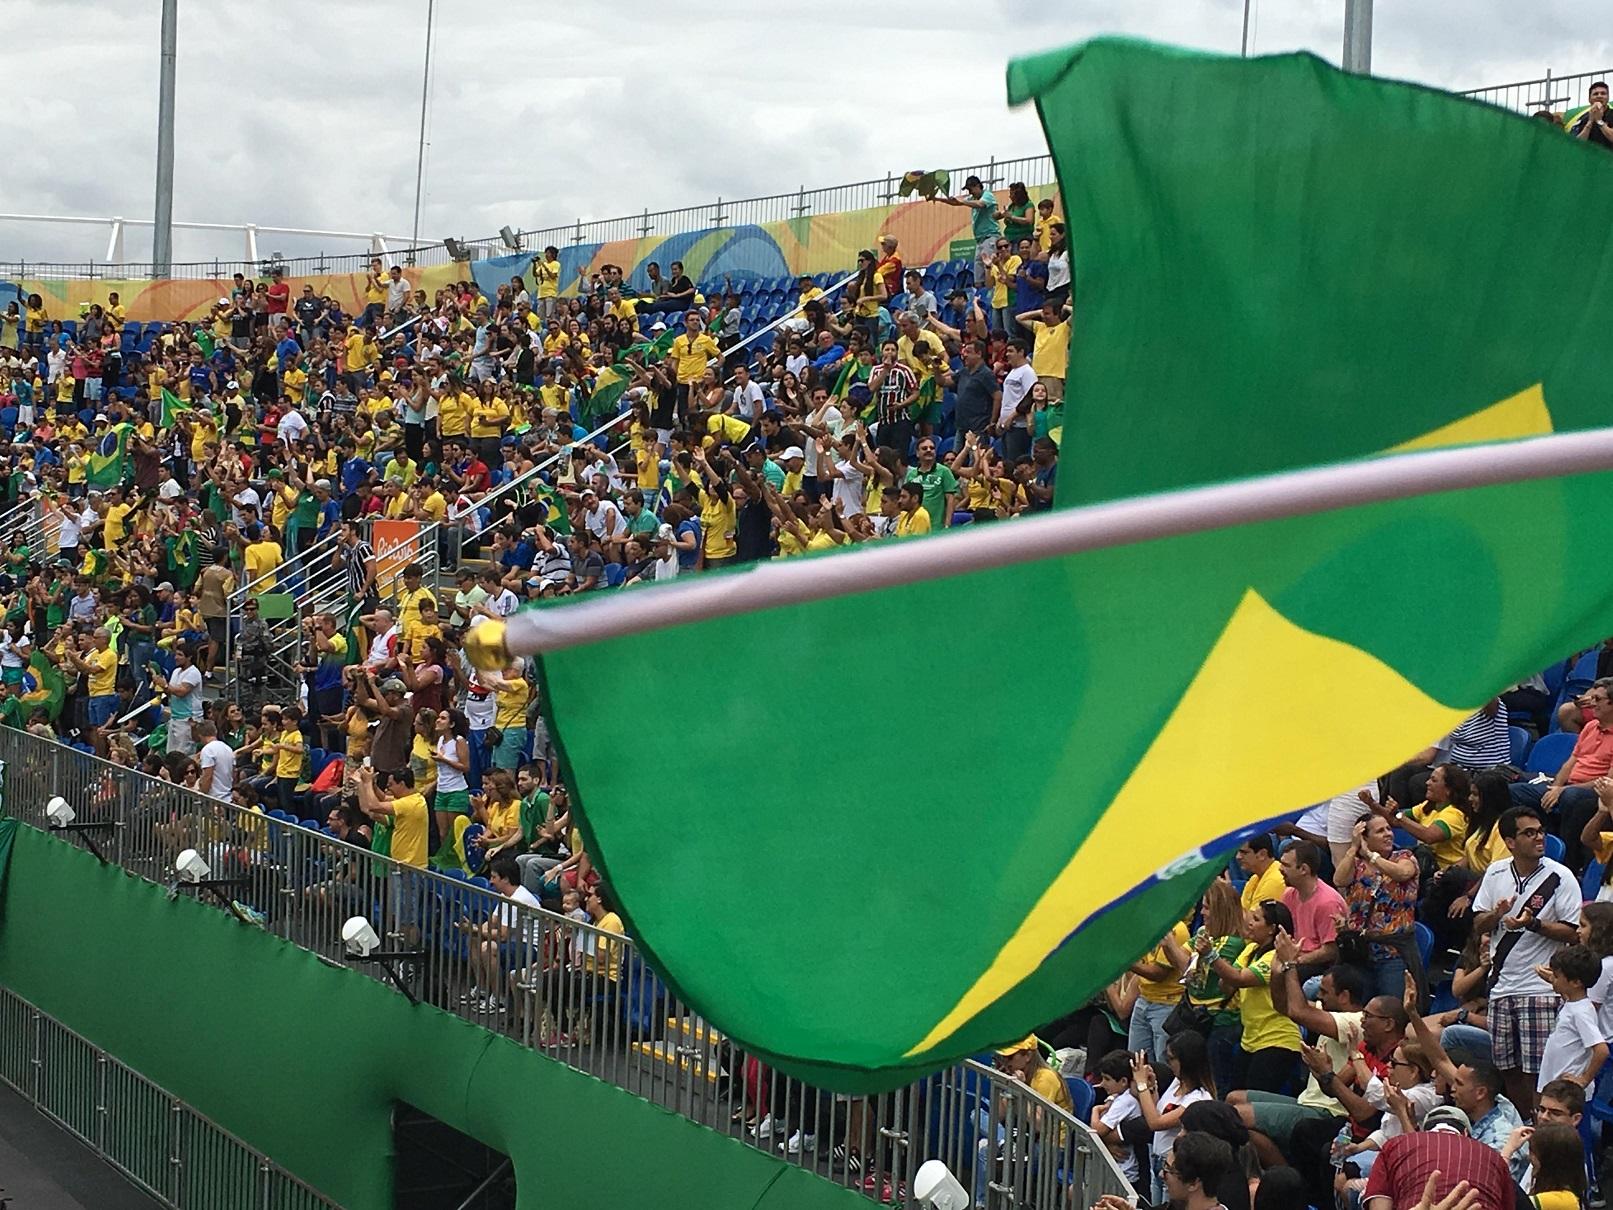 ブラインドサッカー 歓声が鳴りやまないブラジル戦